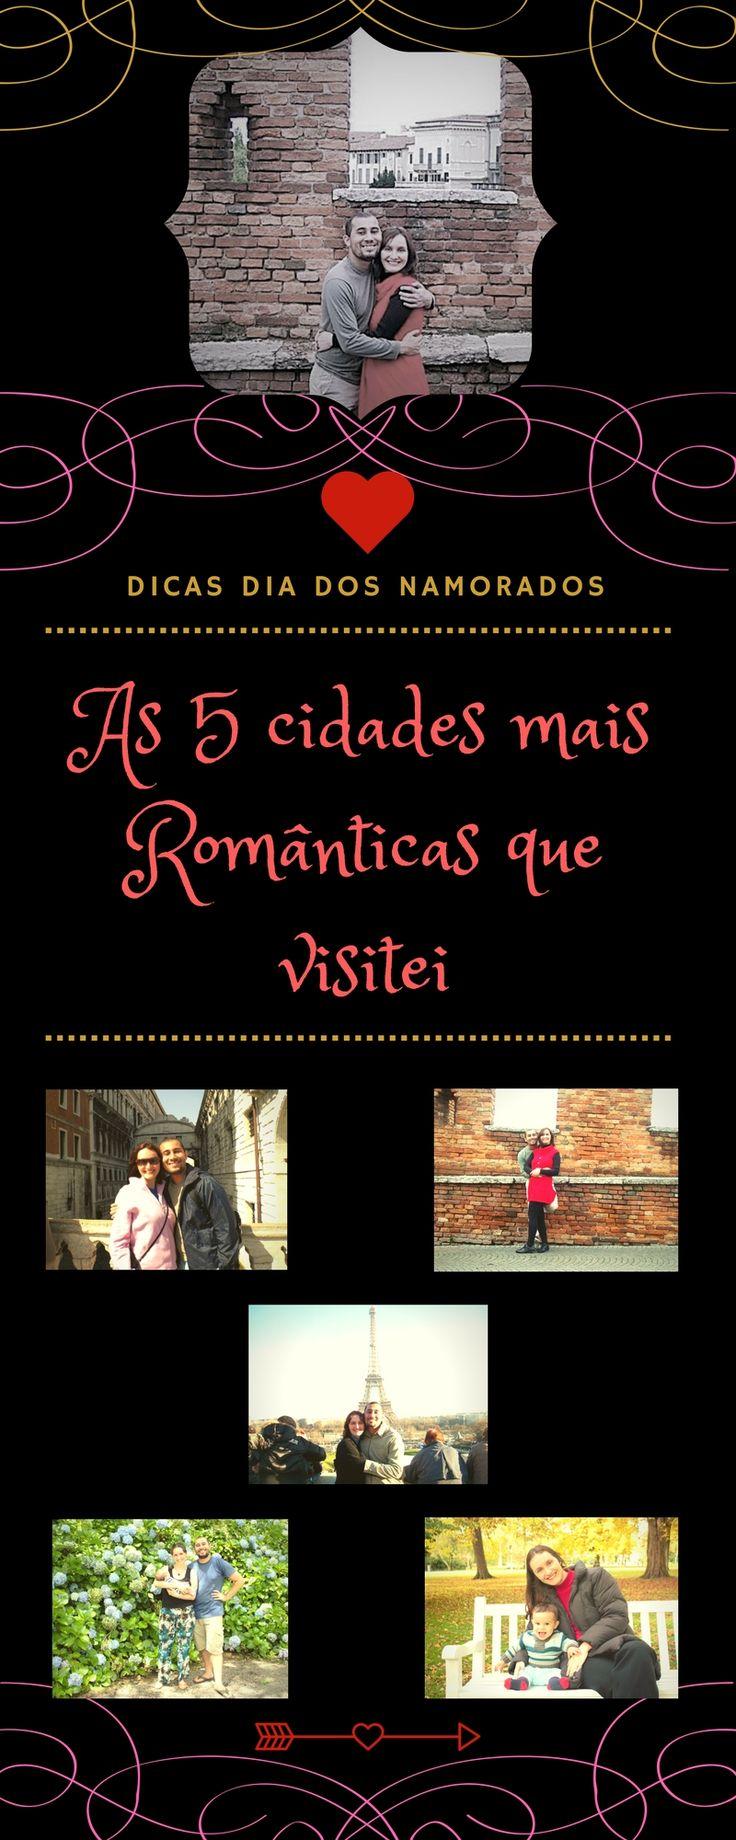 Dia dos namorados está chegando e neste post, que faz parte de uma blogagem coletiva, listei as 5 cidades que visitei e que considero mais românticas: Gramado/Canela, Haia, Paris, Veneza e Verona. Você concorda comigo?